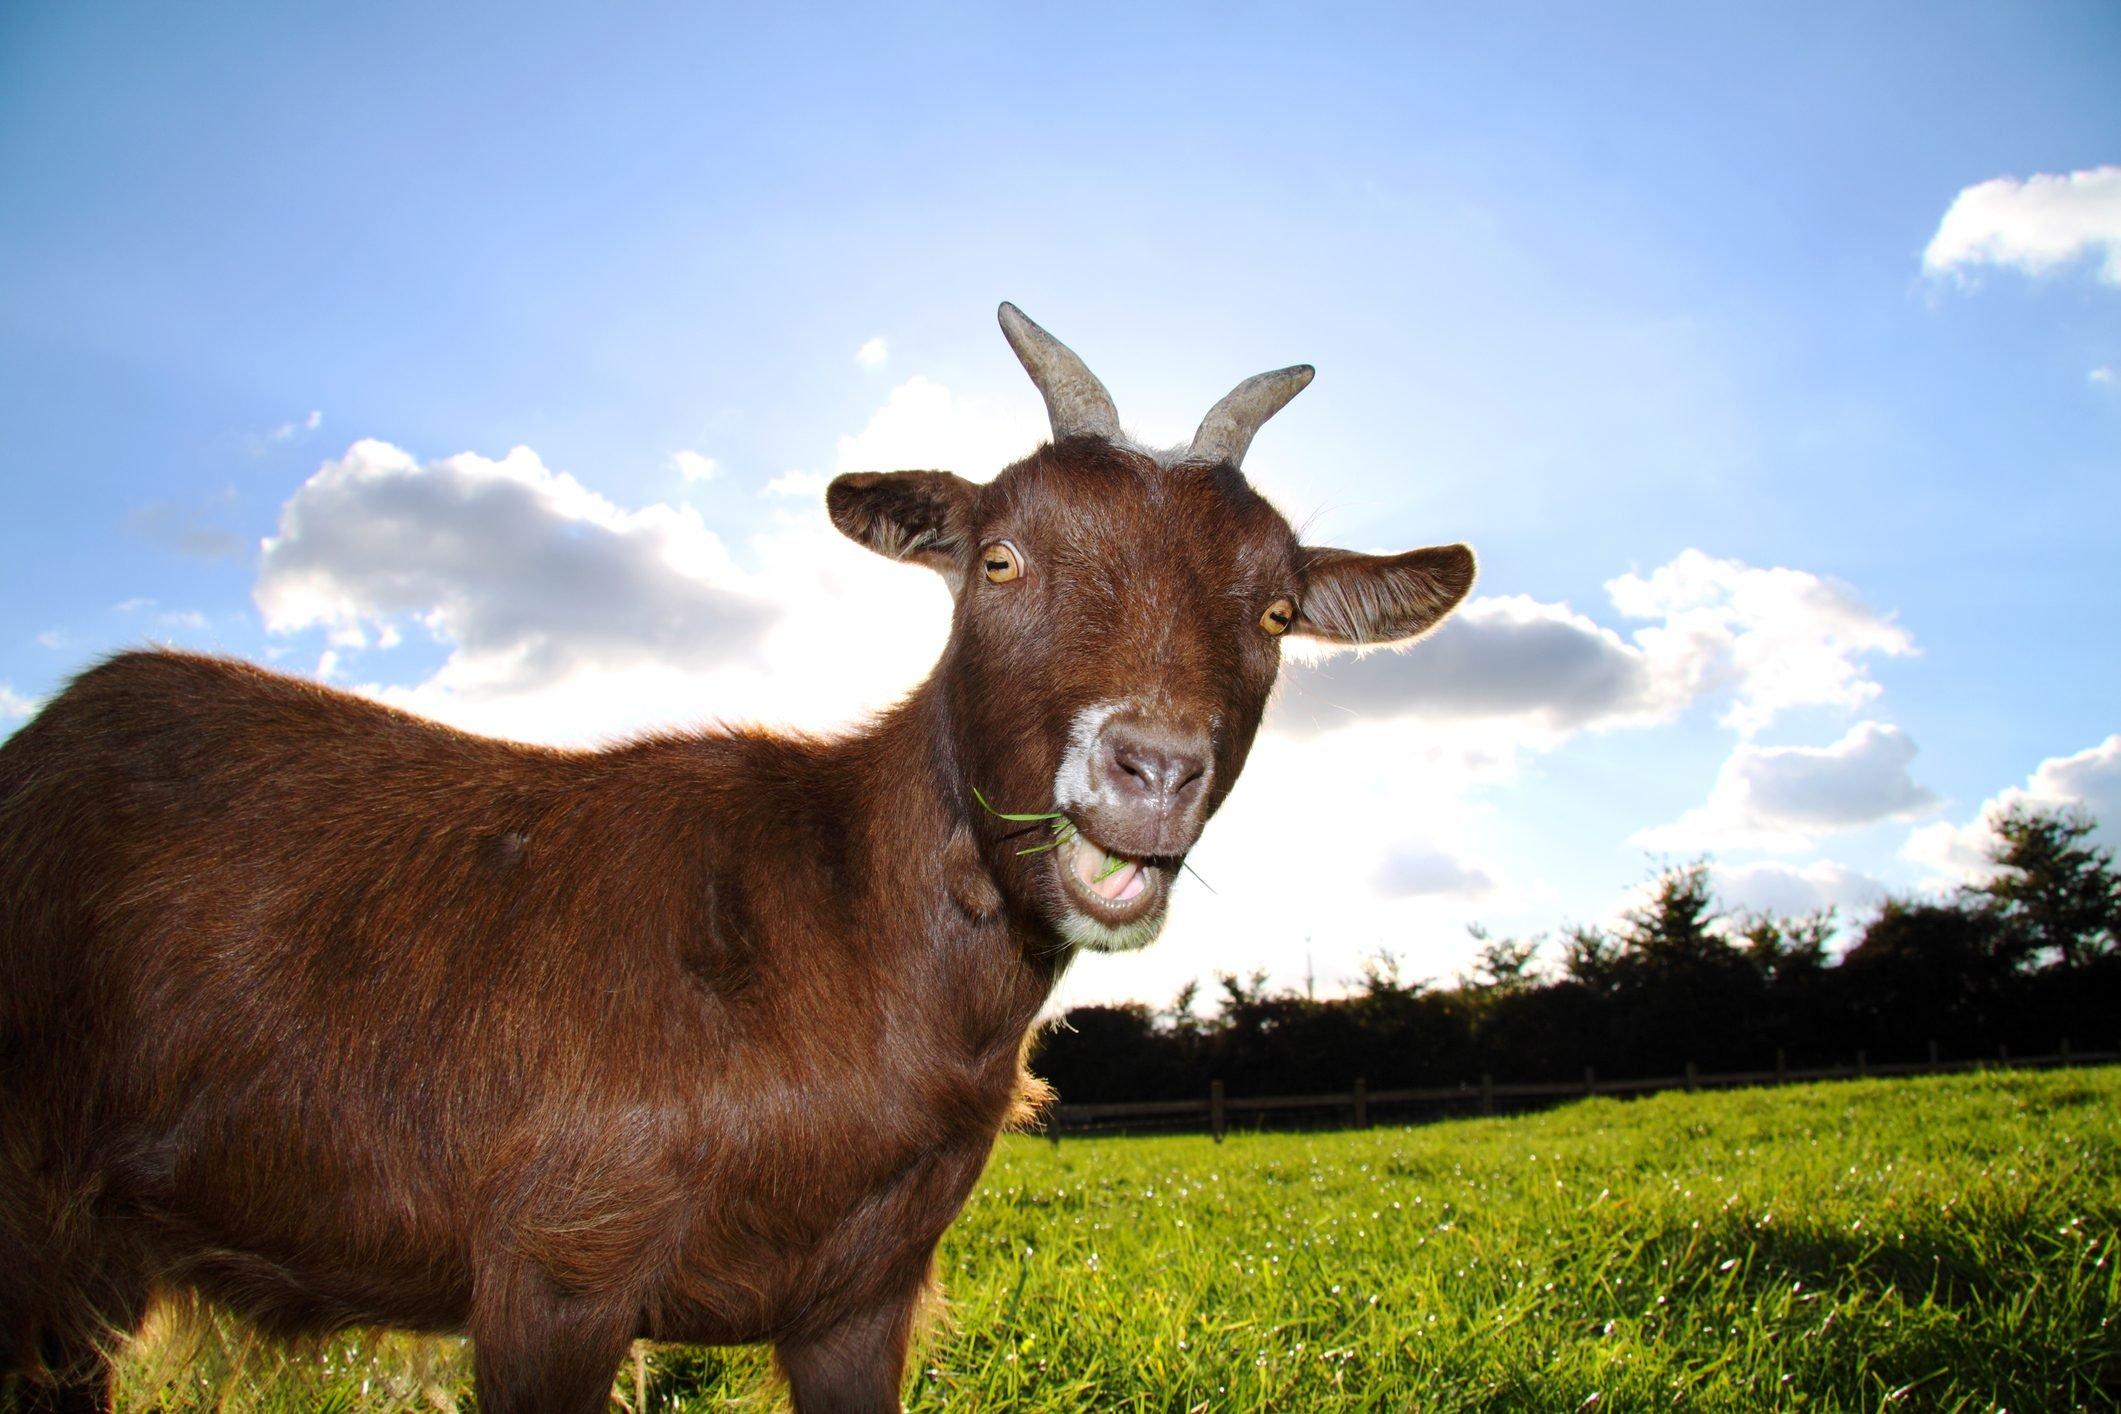 A cute farm pigmy goat pulls a fun expression